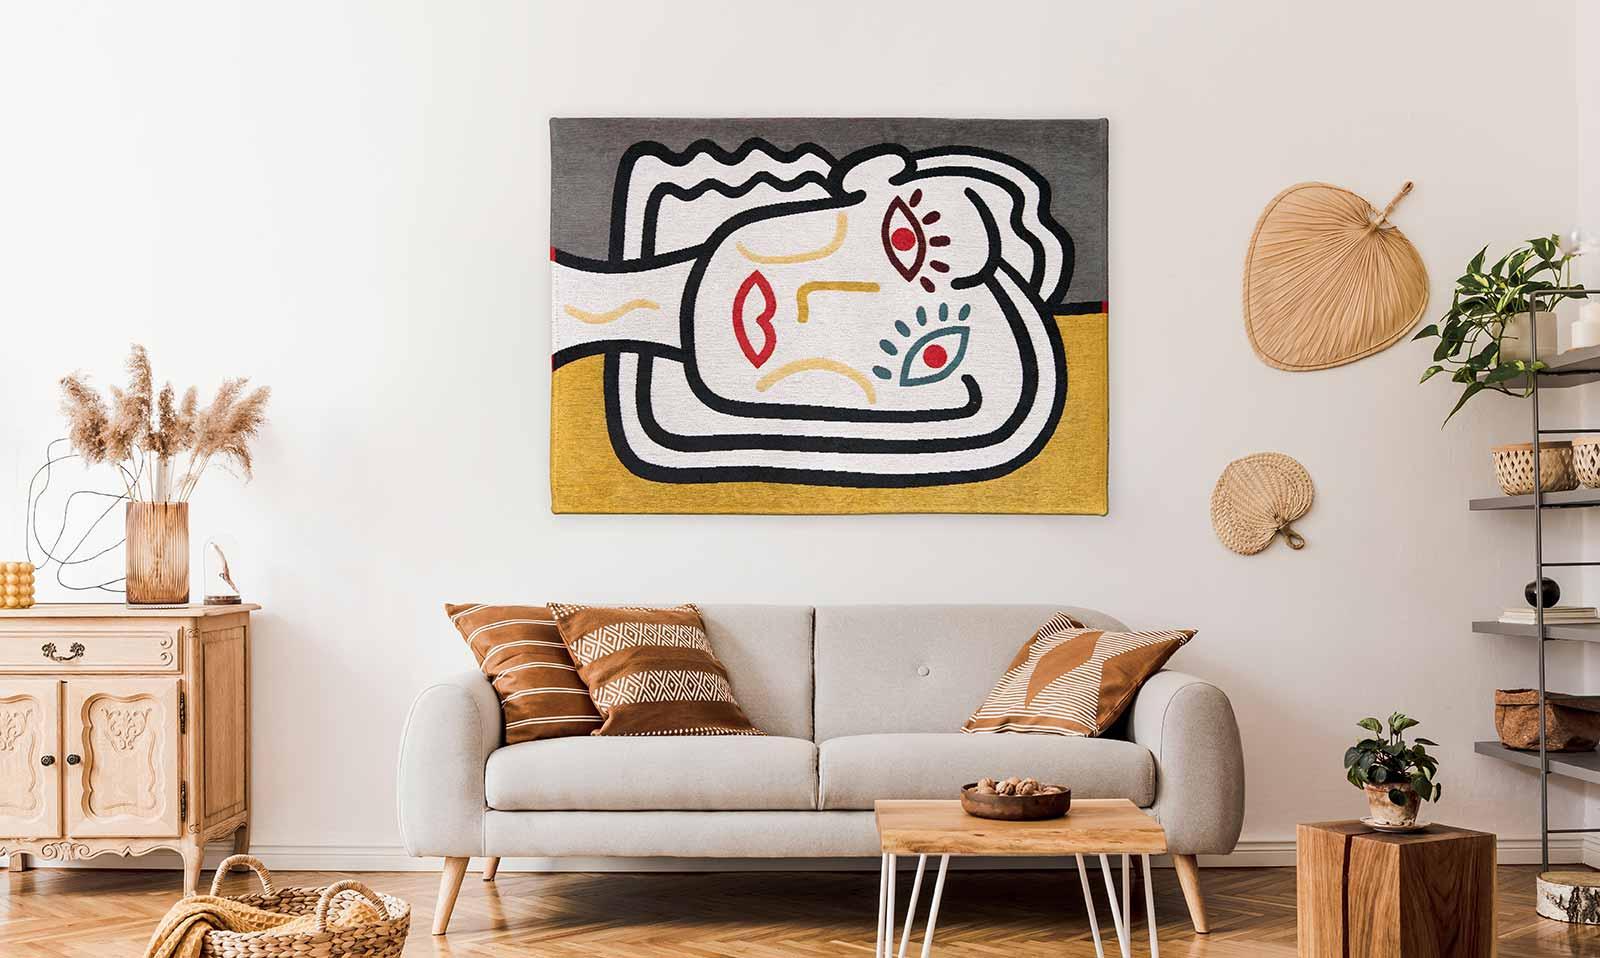 Louis De Poortere rug CS 9143 Gallery Dora Dorado interior 2